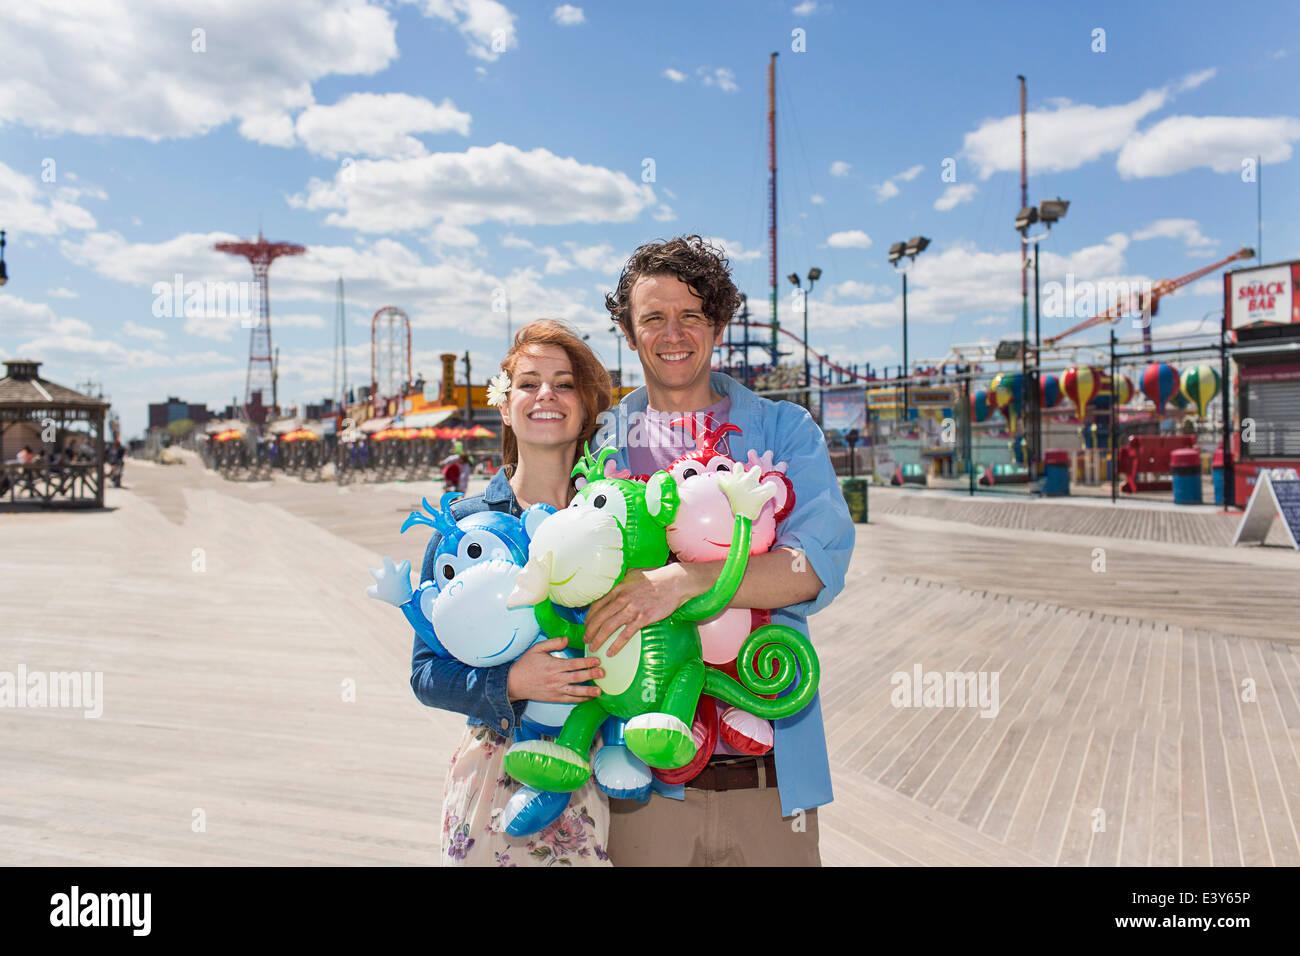 Retrato de pareja con monos en el parque de diversiones inflables Imagen De Stock